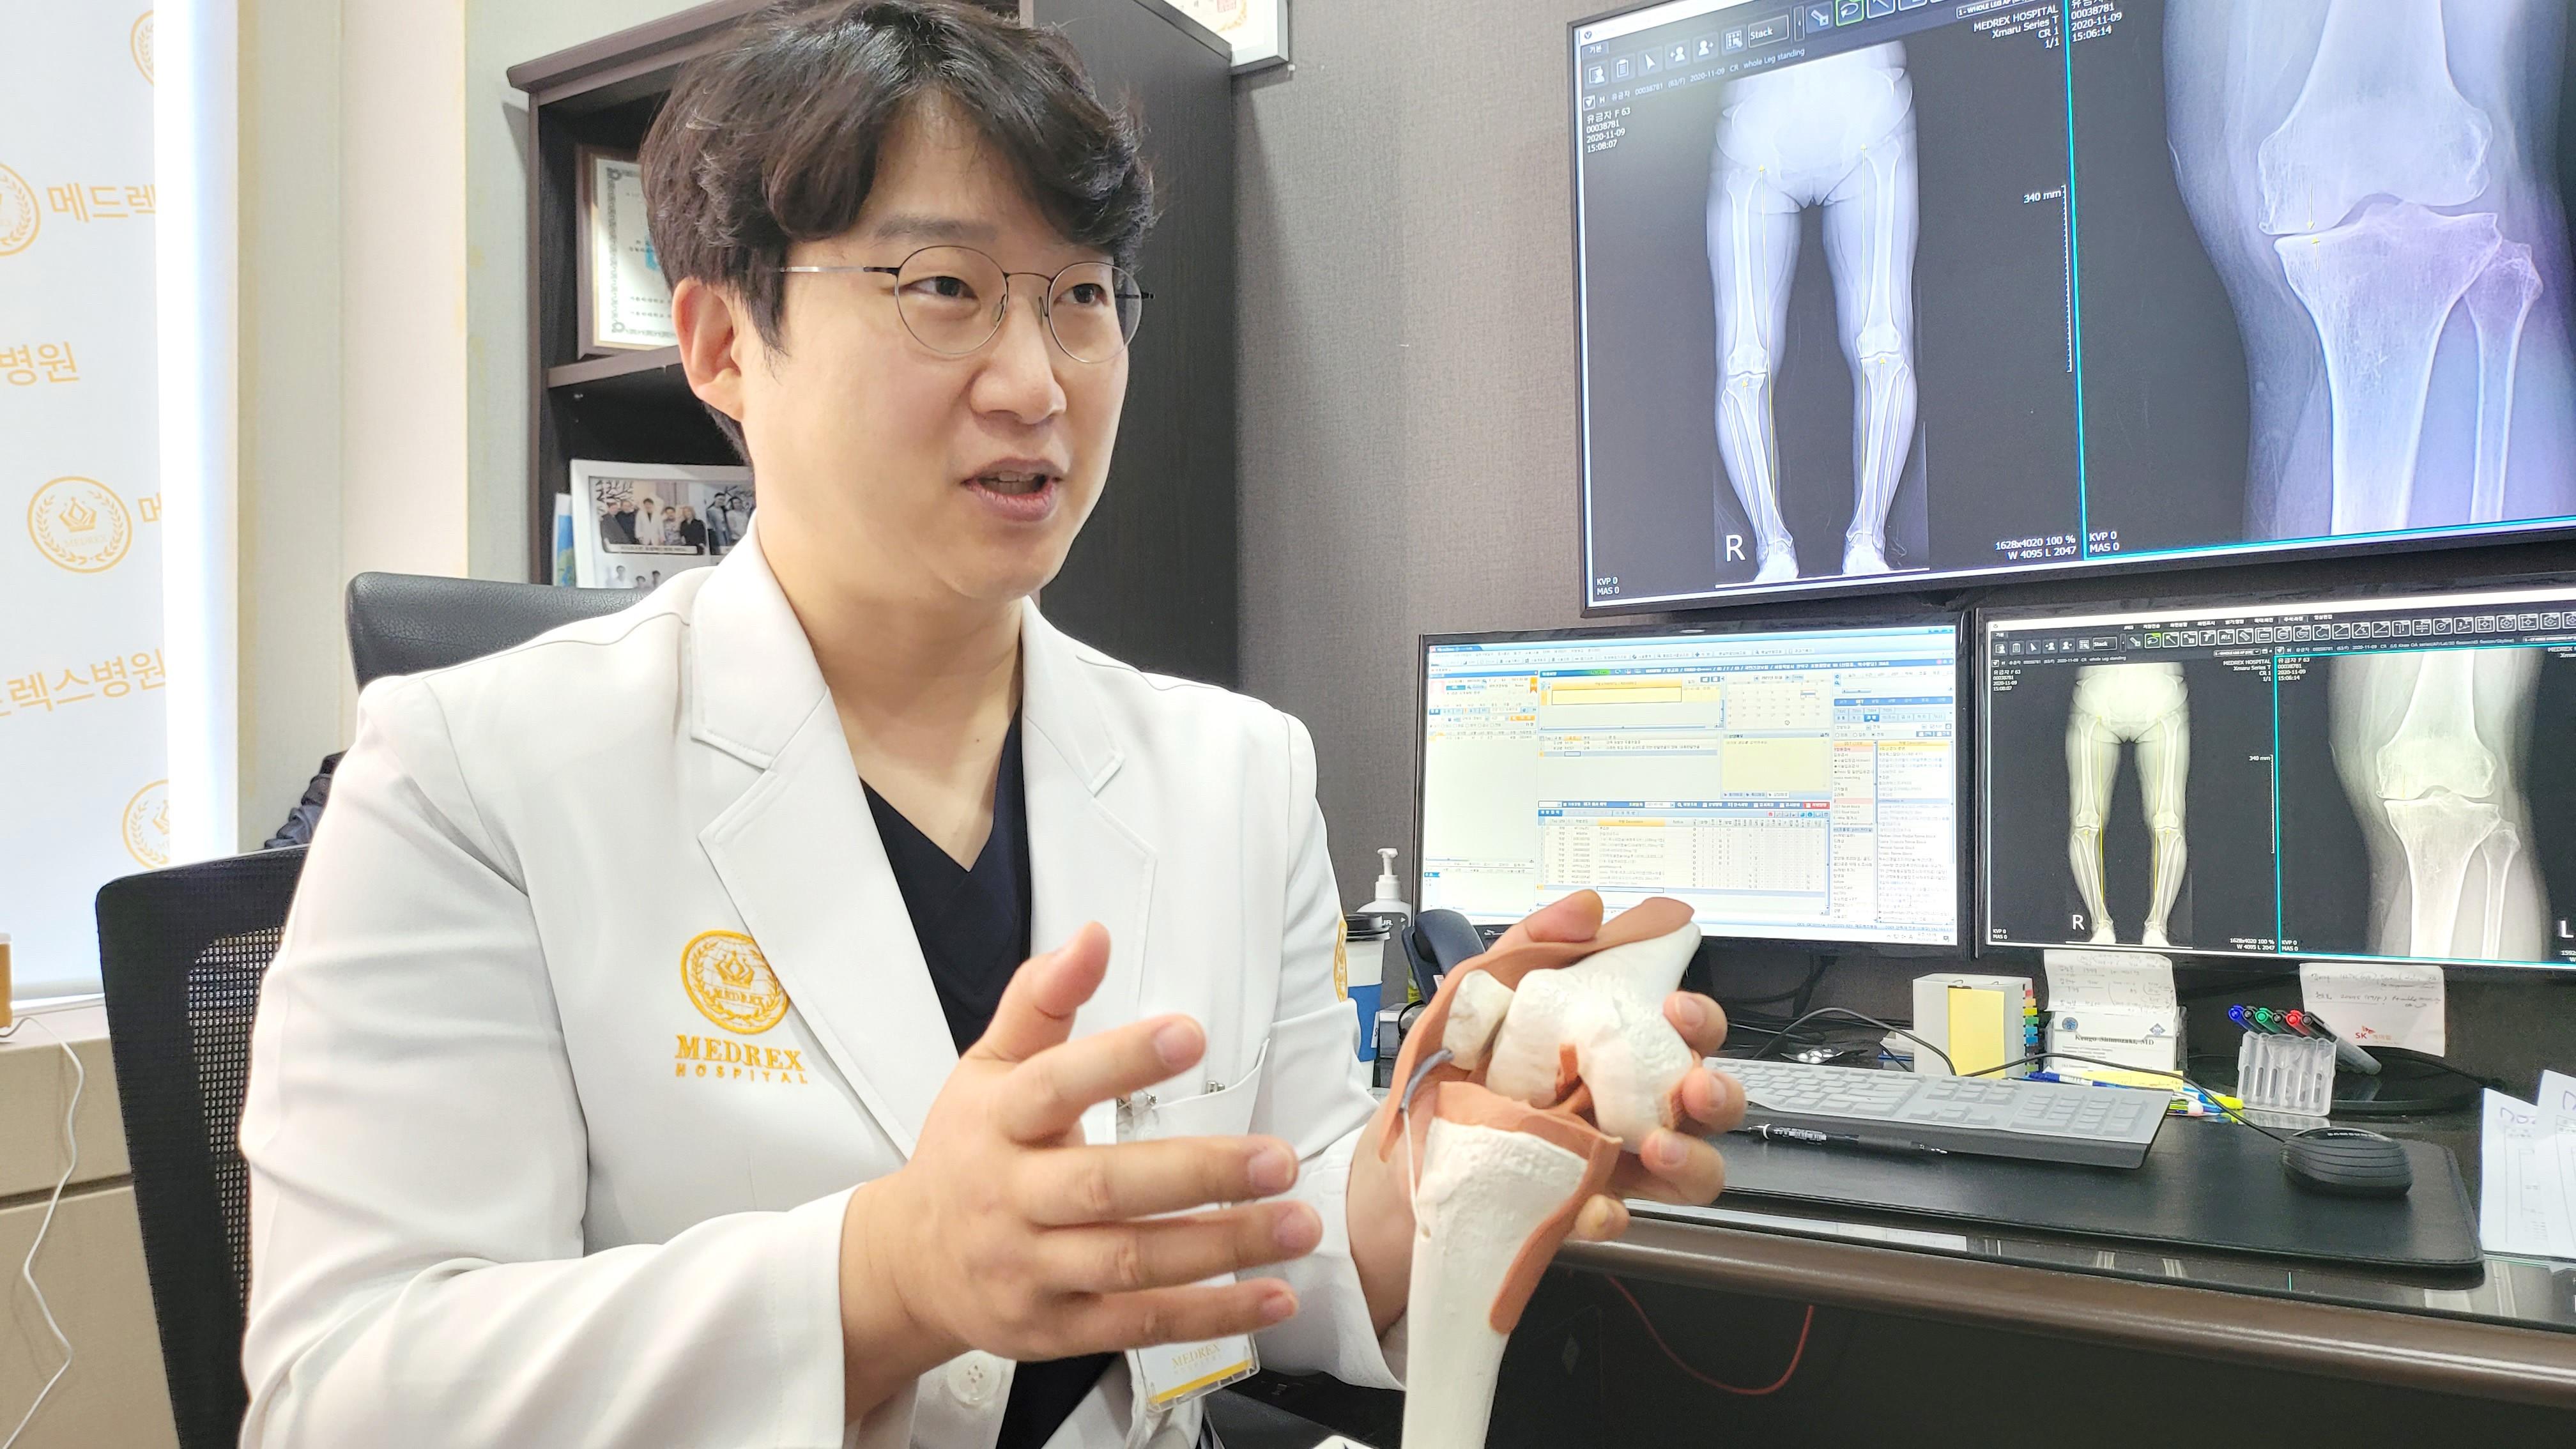 장마철 심해지는 무릎 통증, 젊은 환자도 치료해야